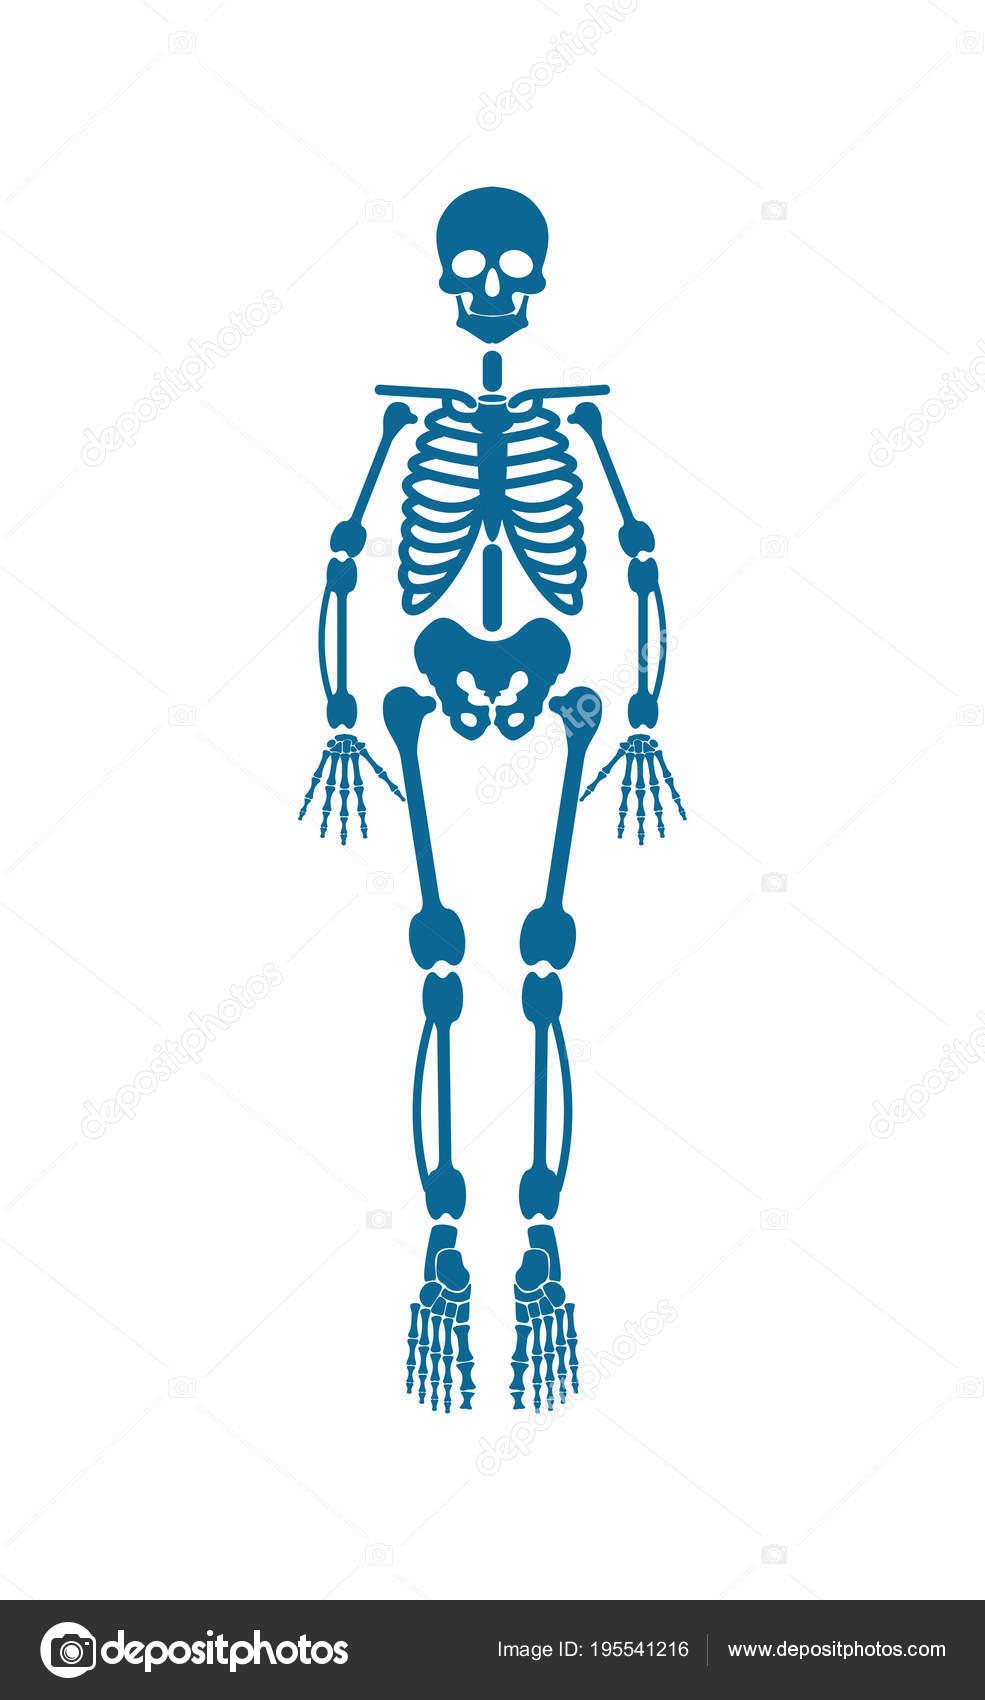 Esqueleto humano de la ilustración de Vector de Color azul — Archivo ...